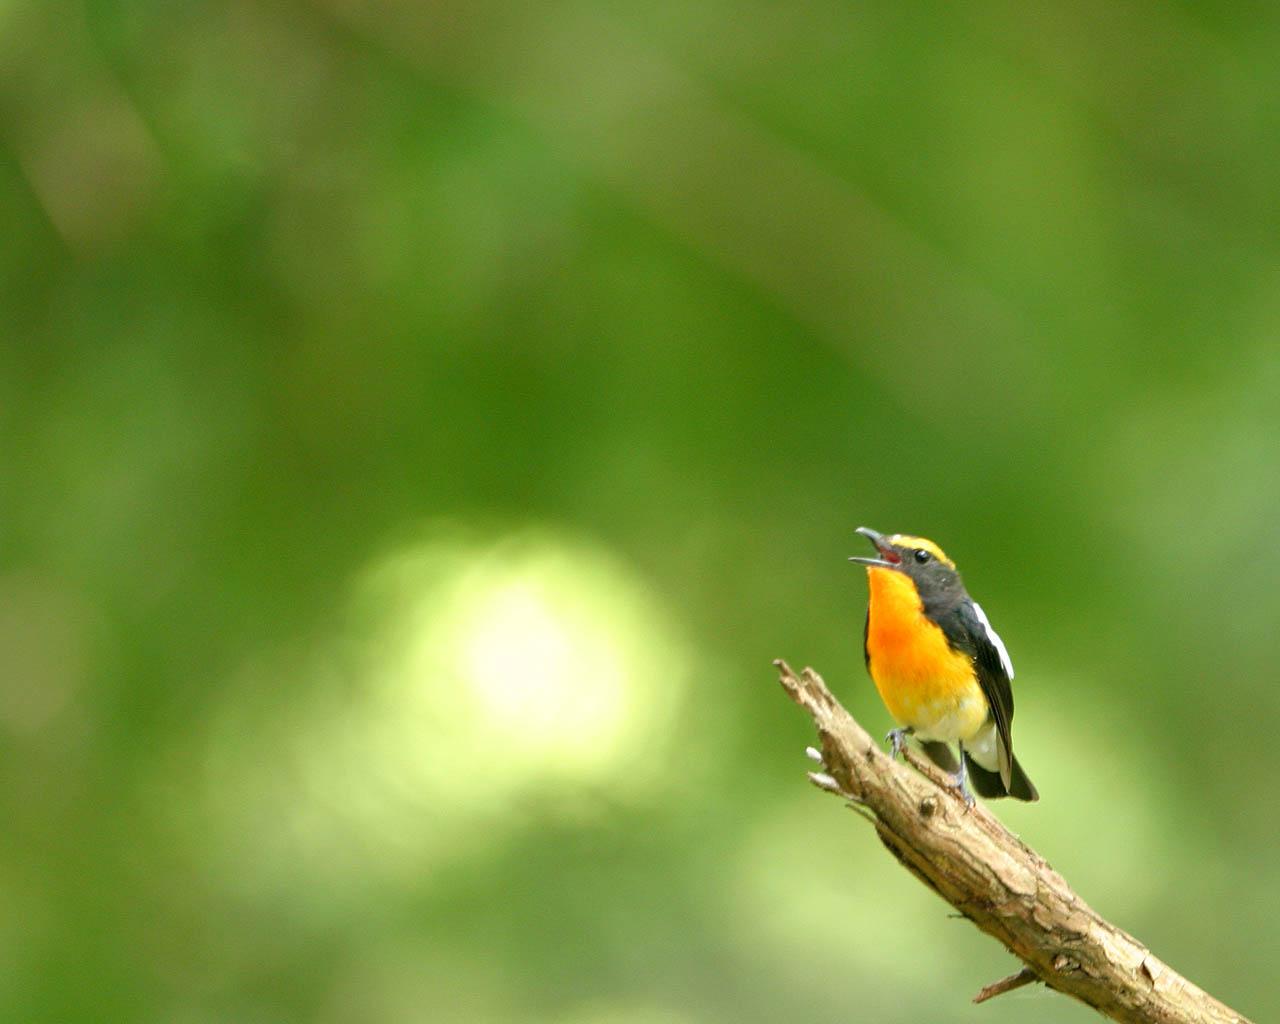 神奈川県大山の青い鳥と黄色い鳥(野鳥の壁紙2枚)_f0105570_17554018.jpg